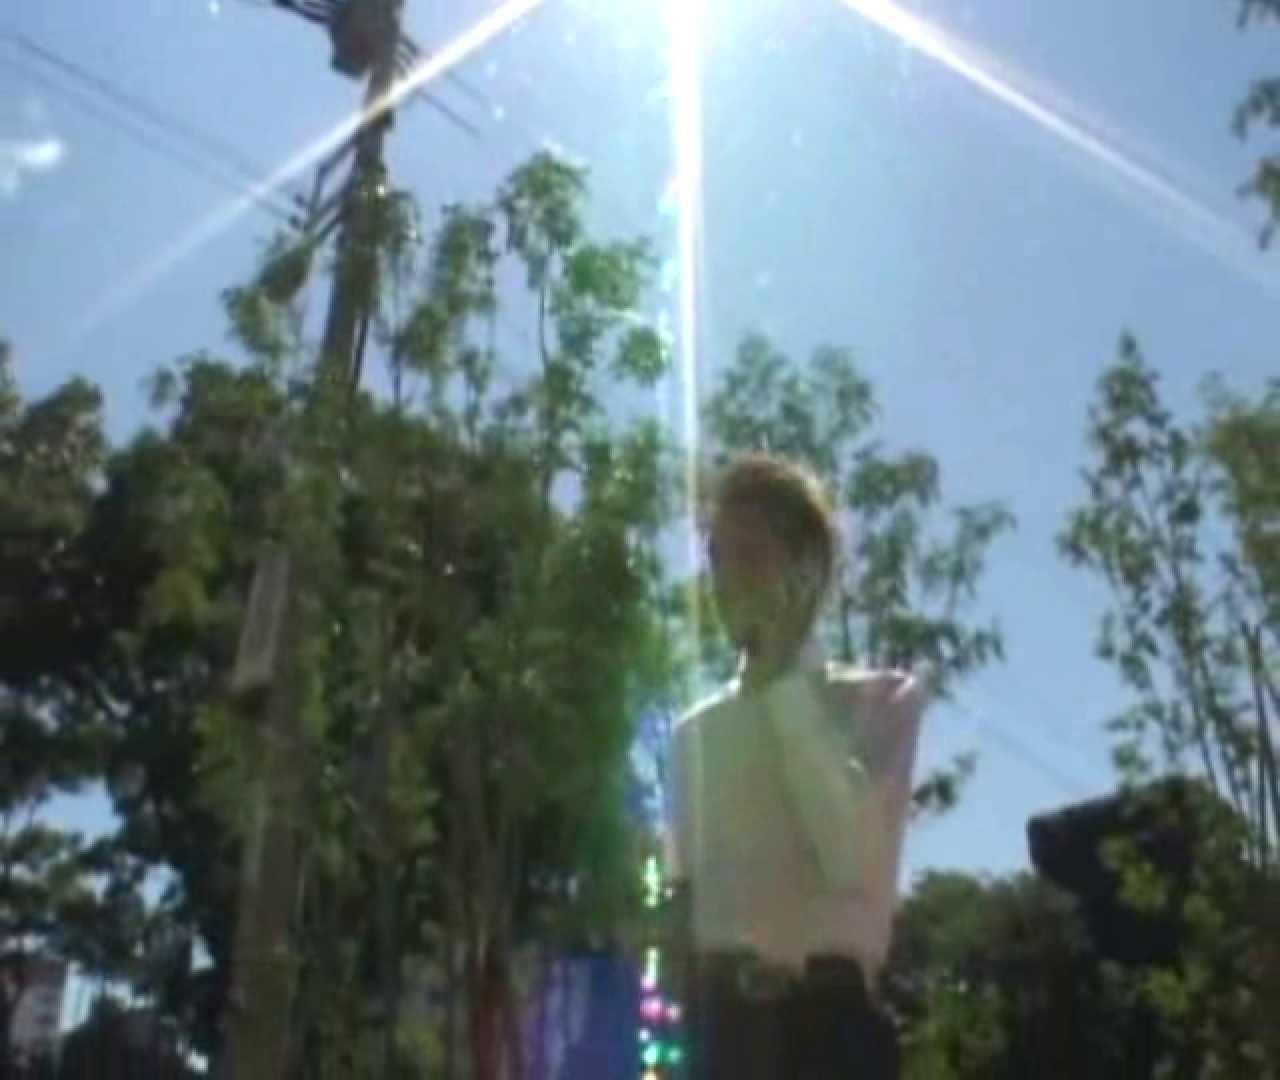 大集合!!カッコ可愛いメンズの一穴入根!!.VOL89 ゲイのオナニー映像 | 男祭り  103枚 1